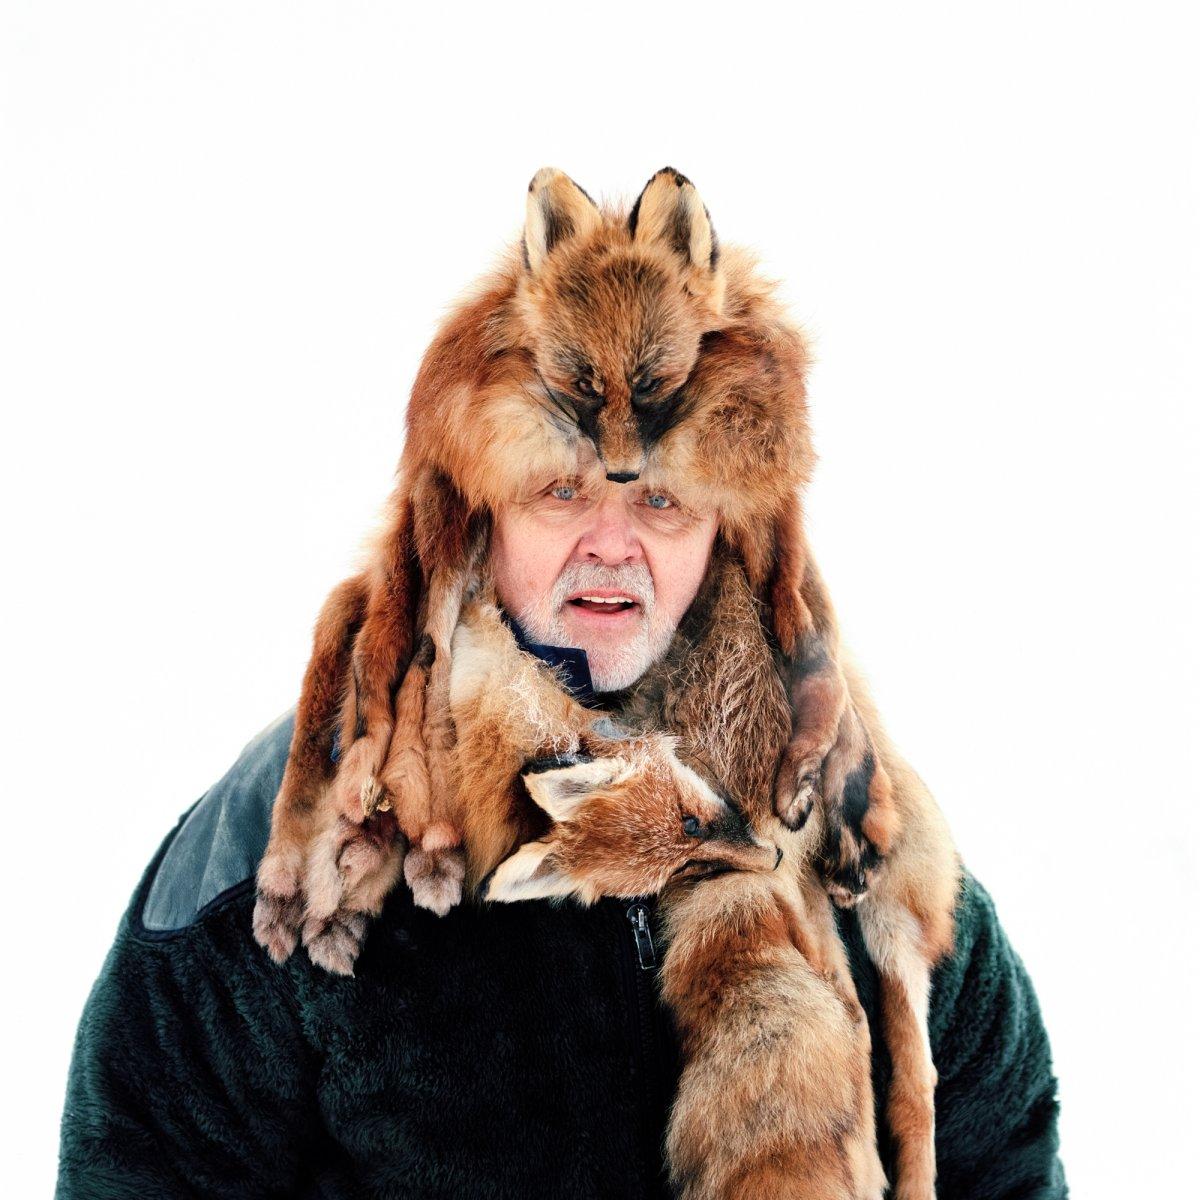 Conheça 15 pessoas que desafiam temperaturas extremas para viver no círculo ártico 10